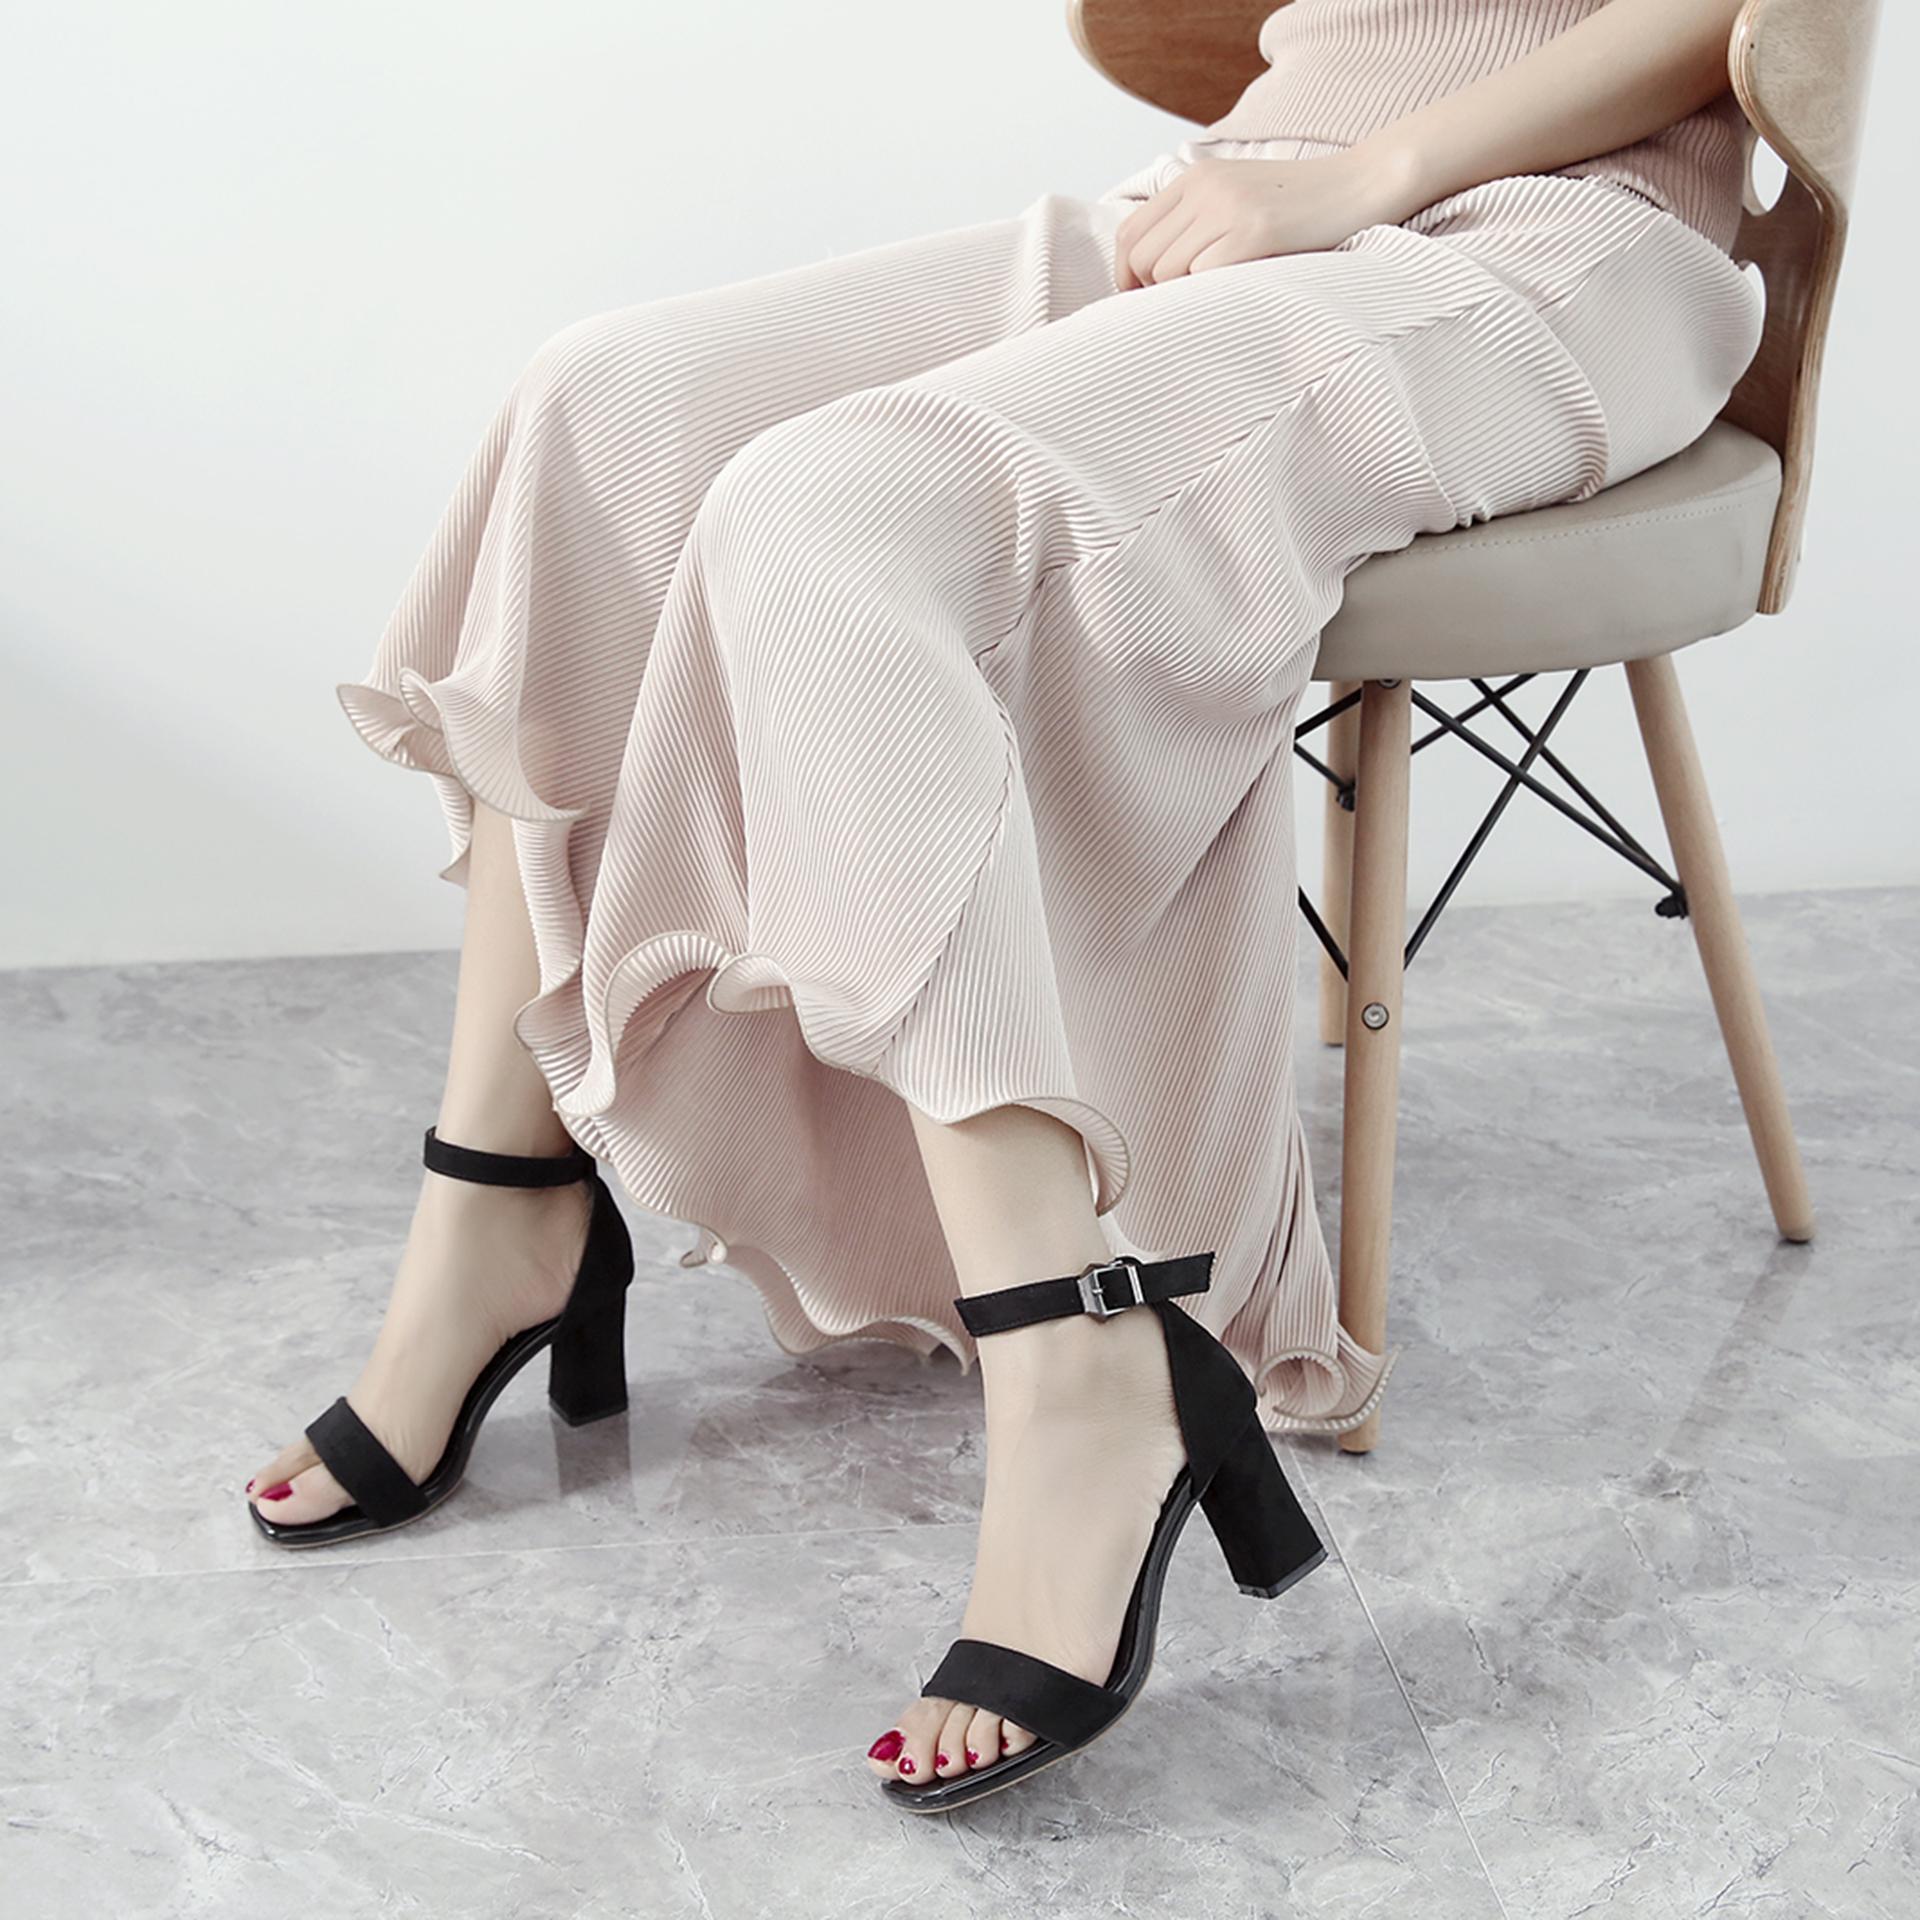 罗马鞋 凉鞋女中跟2018夏季新款学生黑色百搭罗马女鞋粗跟一字扣高跟鞋_推荐淘宝好看的女罗马鞋